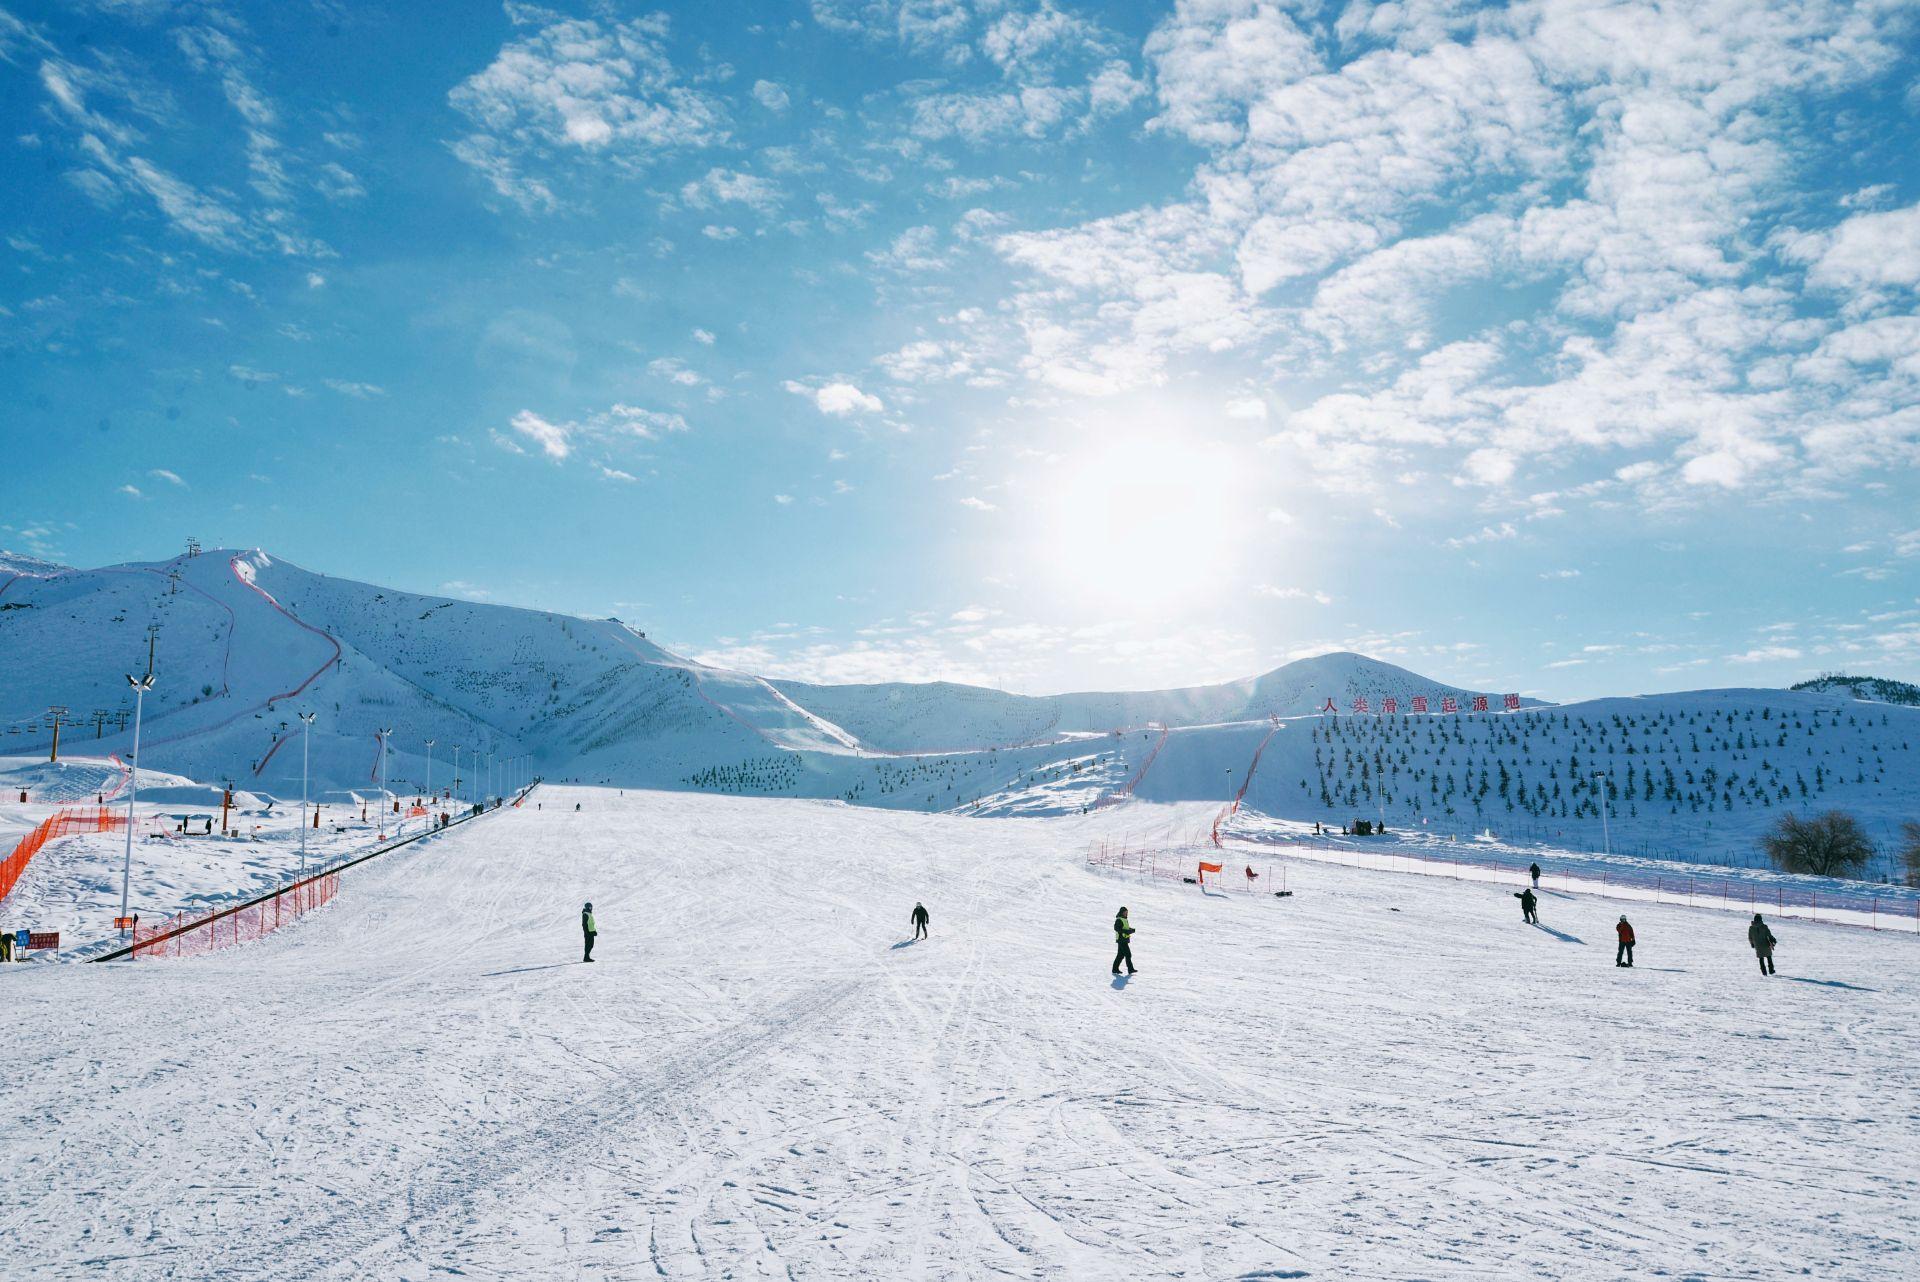 將軍山滑雪場